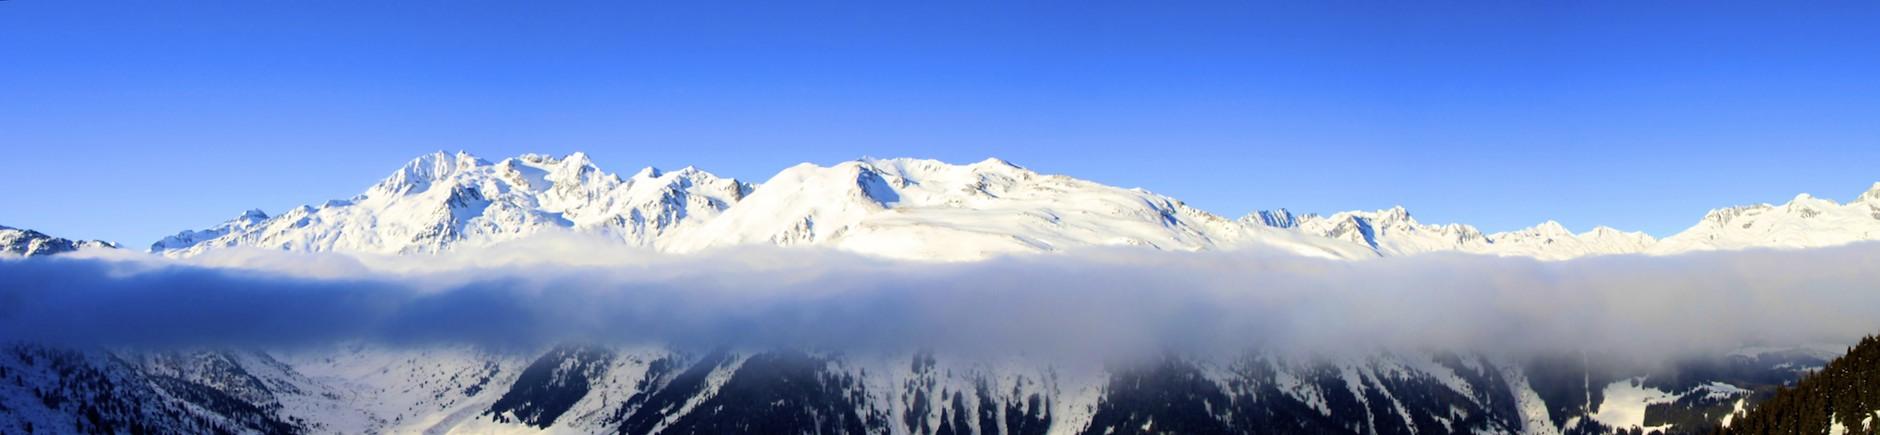 Panorama Nebelobergrenze